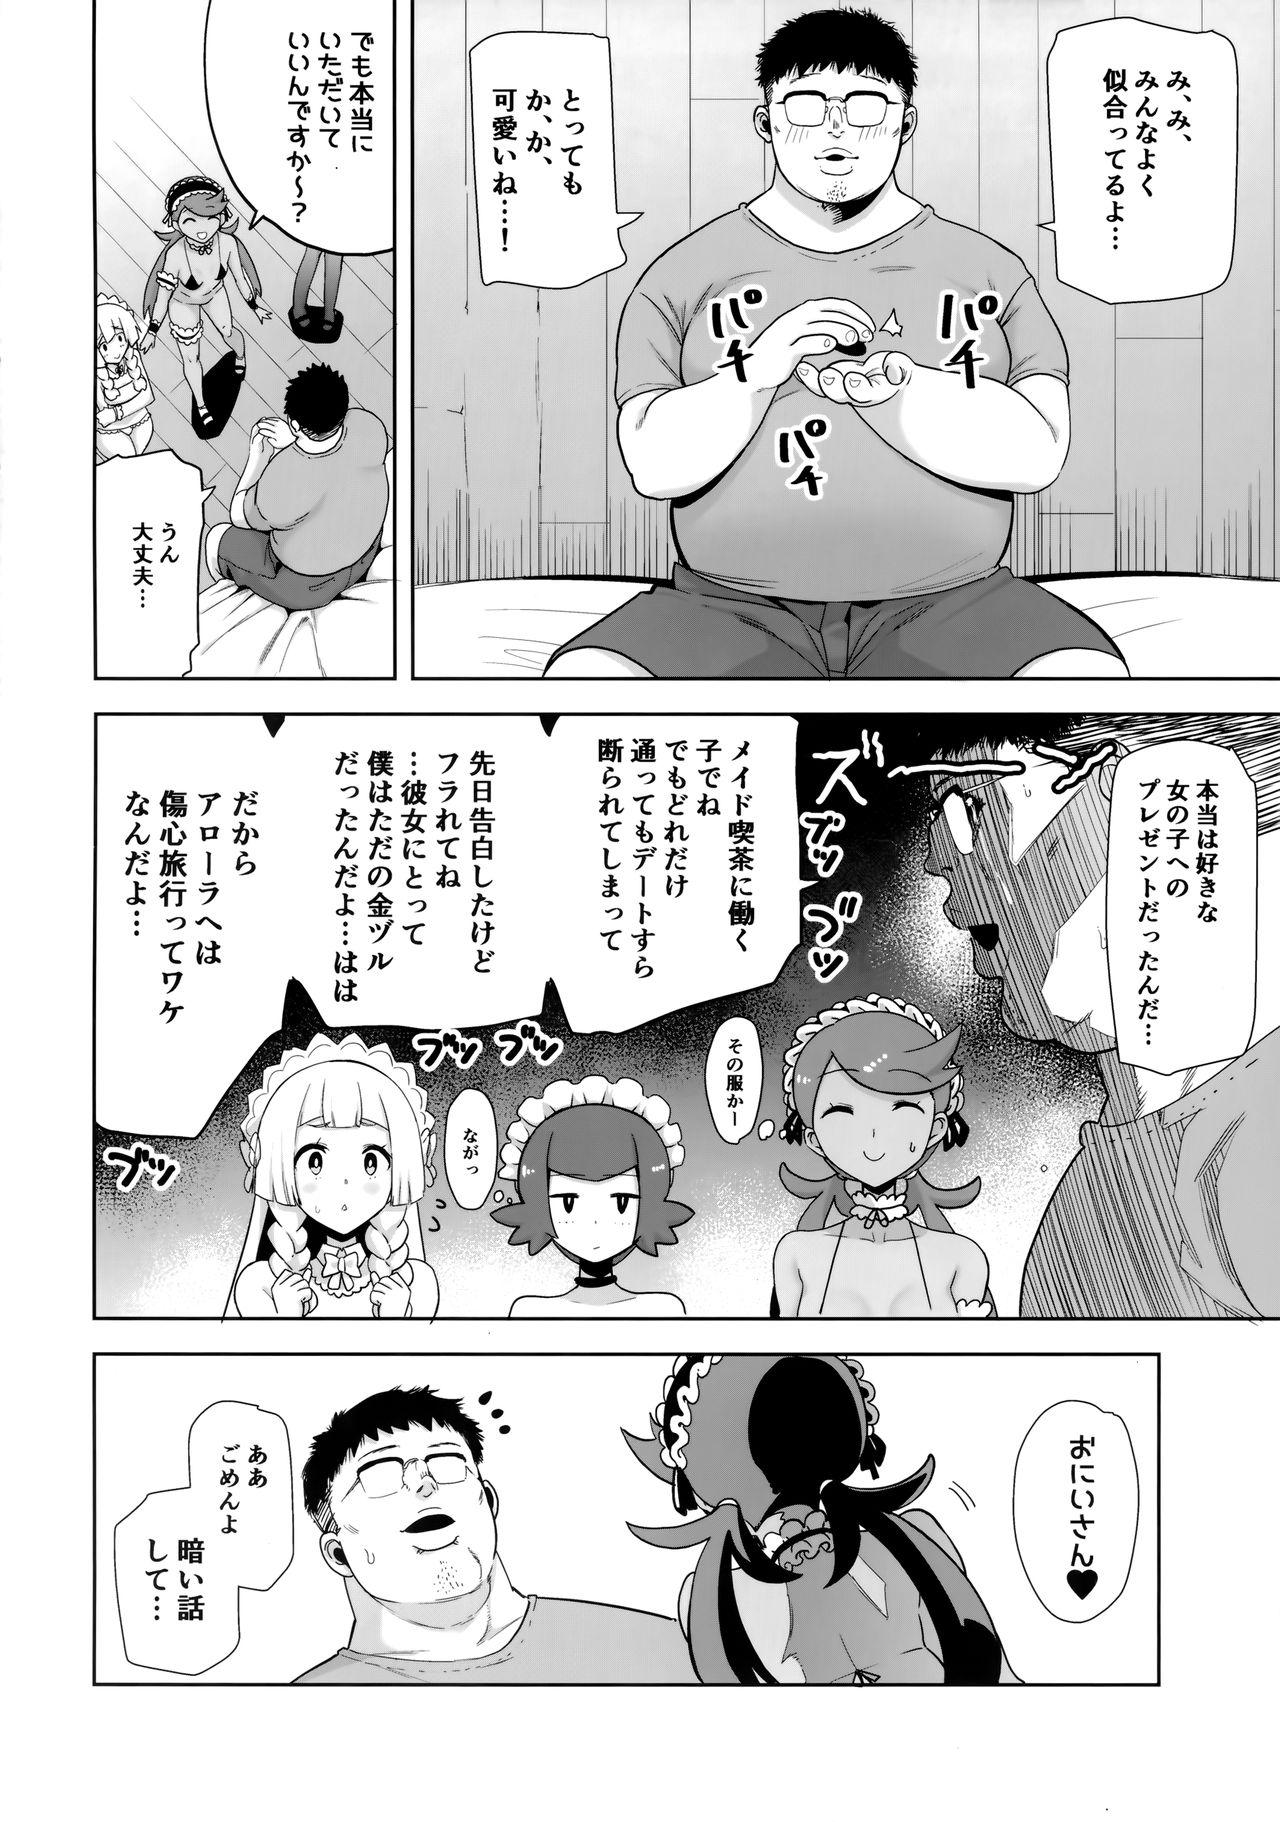 Alola no Yoru no Sugata 5 2